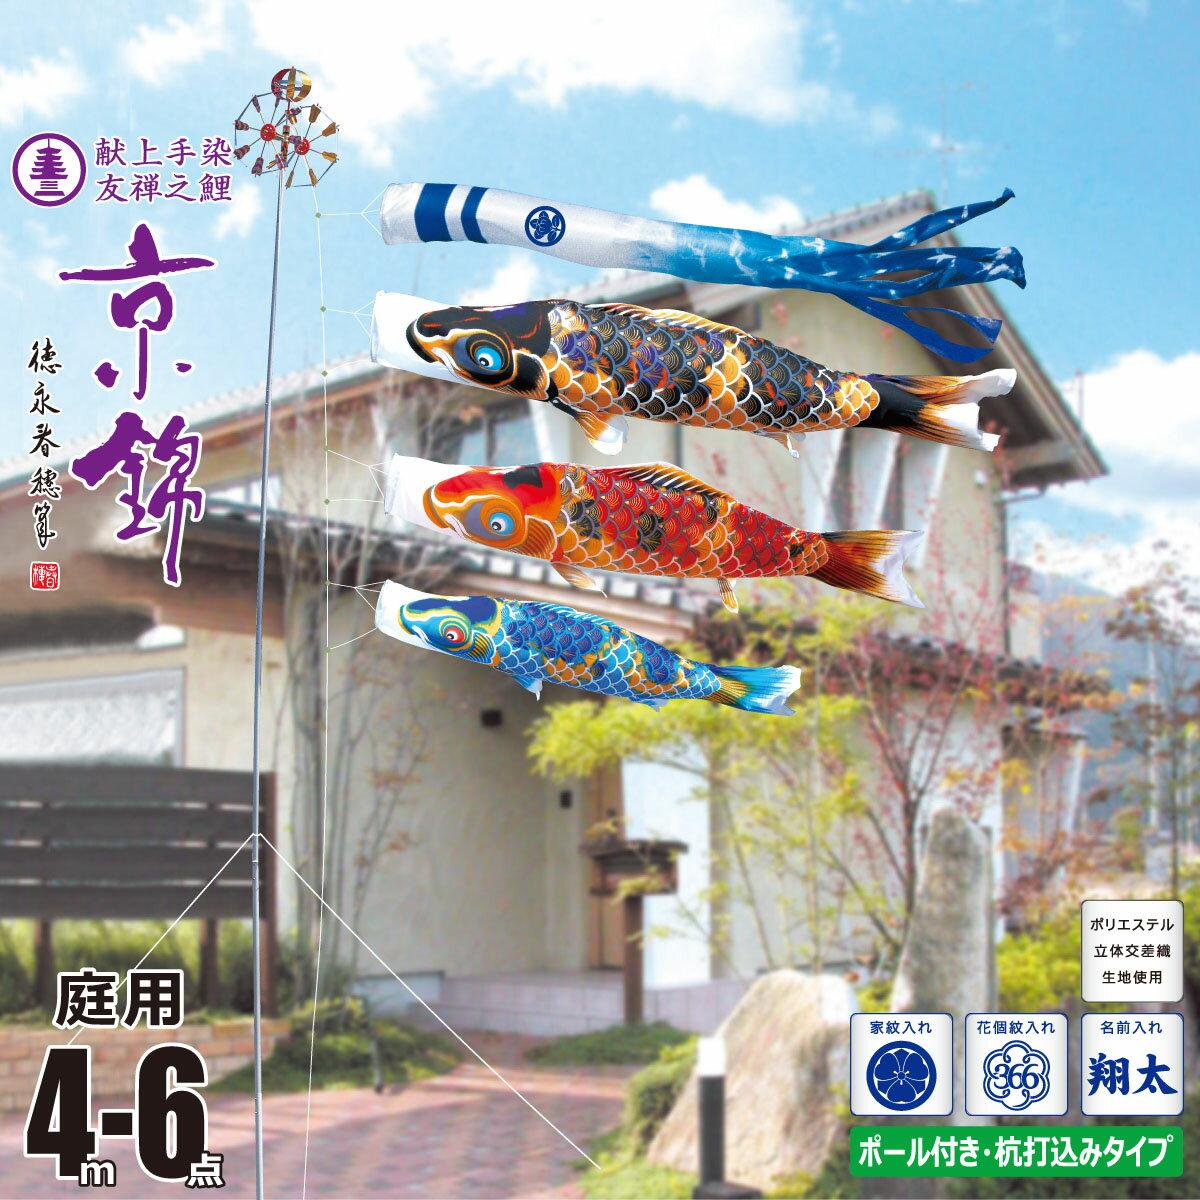 こいのぼり 4m 京錦 6点 (矢車、ロープ、吹流し、鯉3匹) 庭園用 ガーデンセット (専用ポール一式) 徳永鯉のぼり ポイント20倍 KIT-112-100